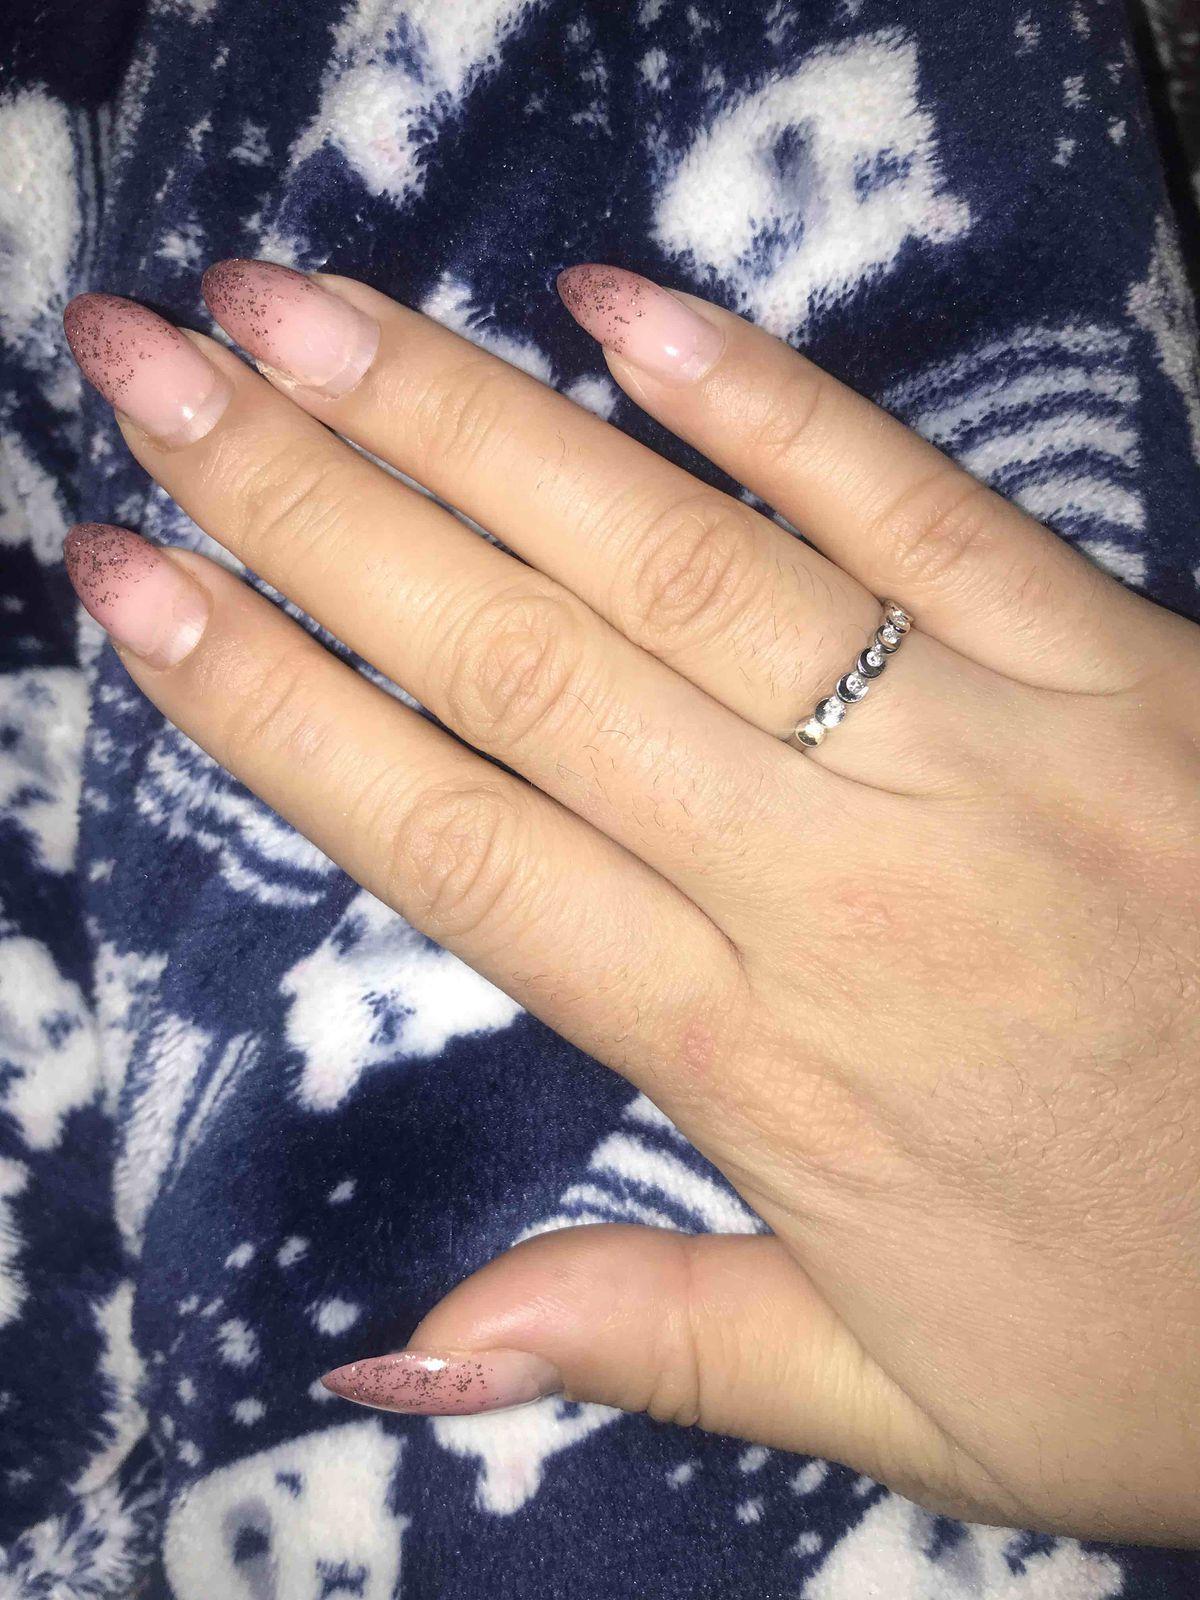 Очень красивое необычное кольцо